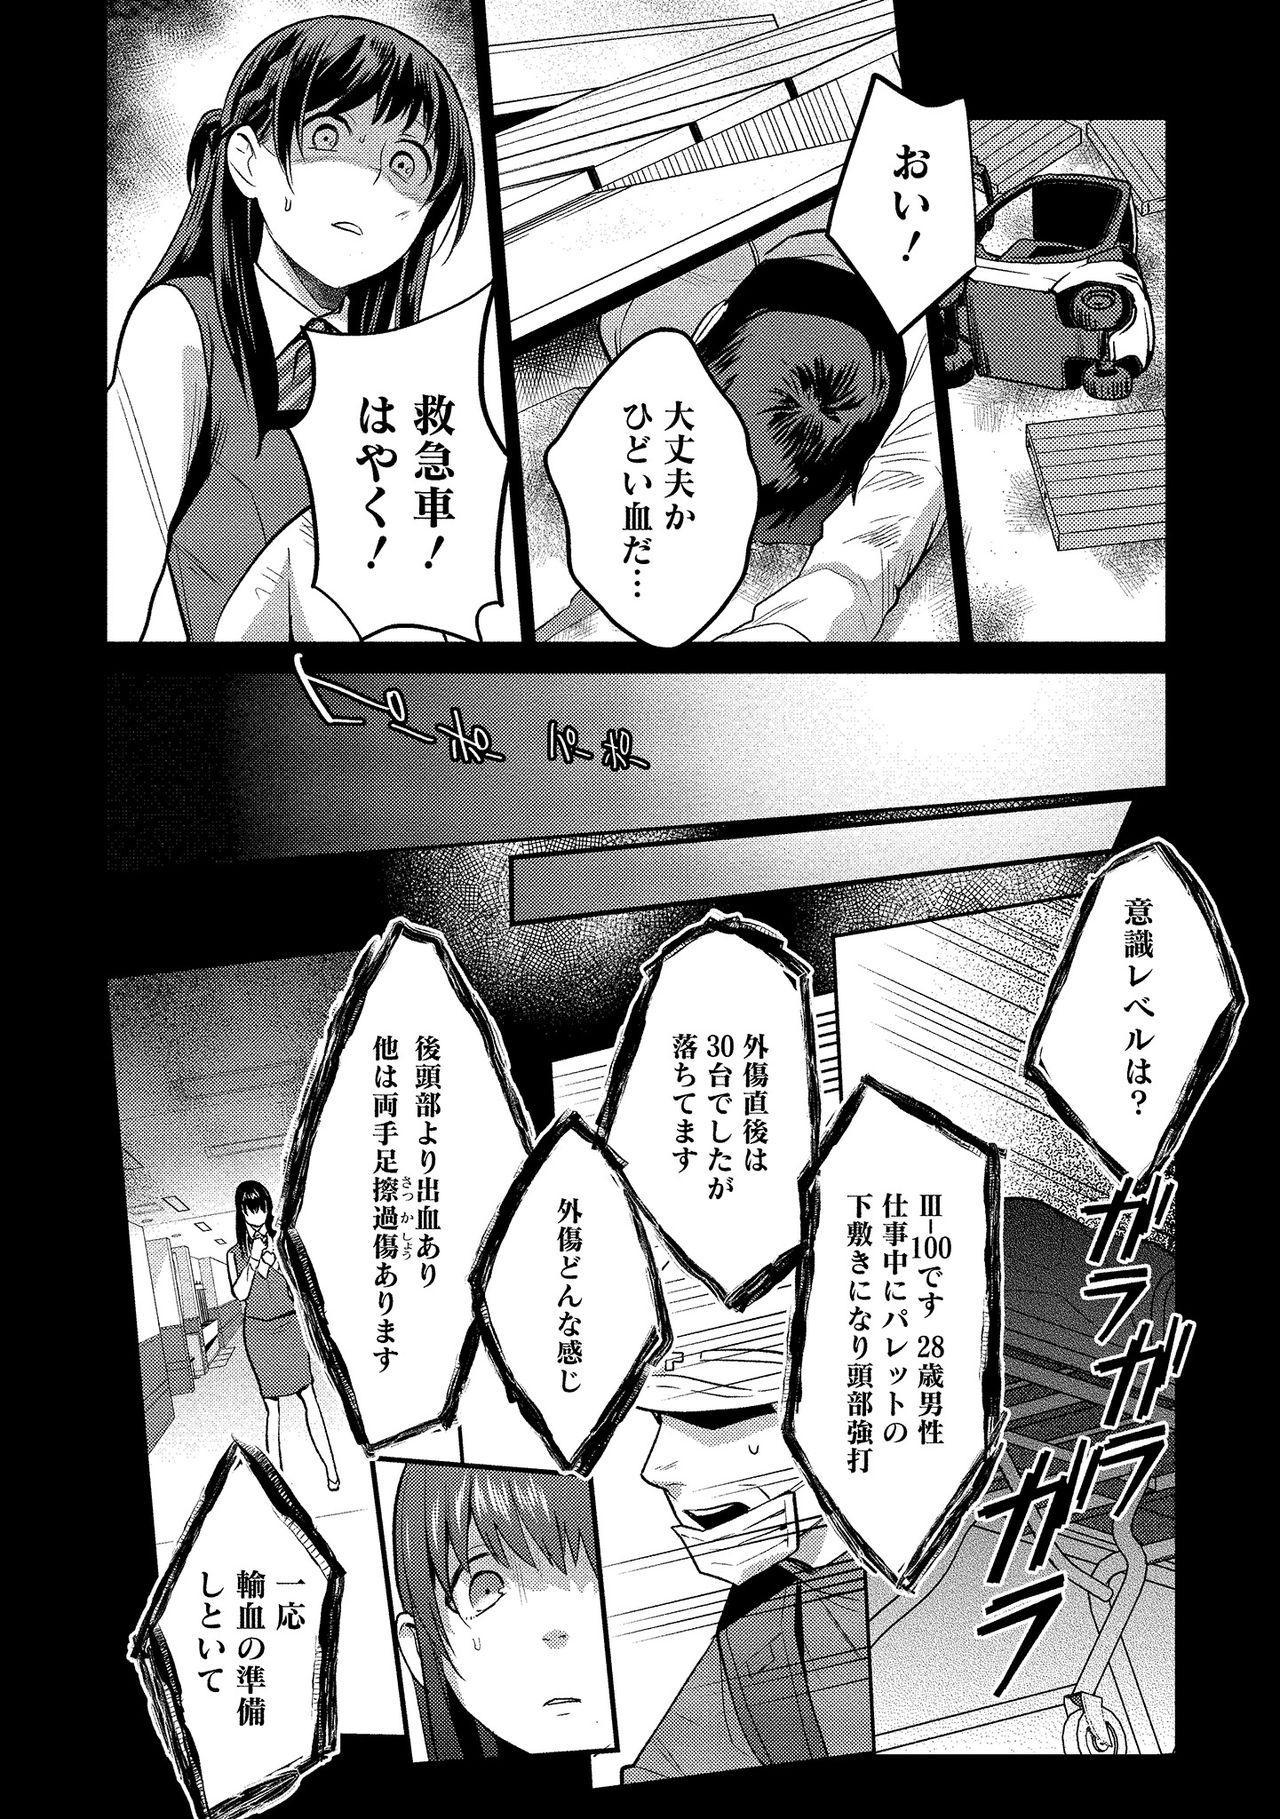 Dorobou Neko wa Kanojo no Hajimari 188